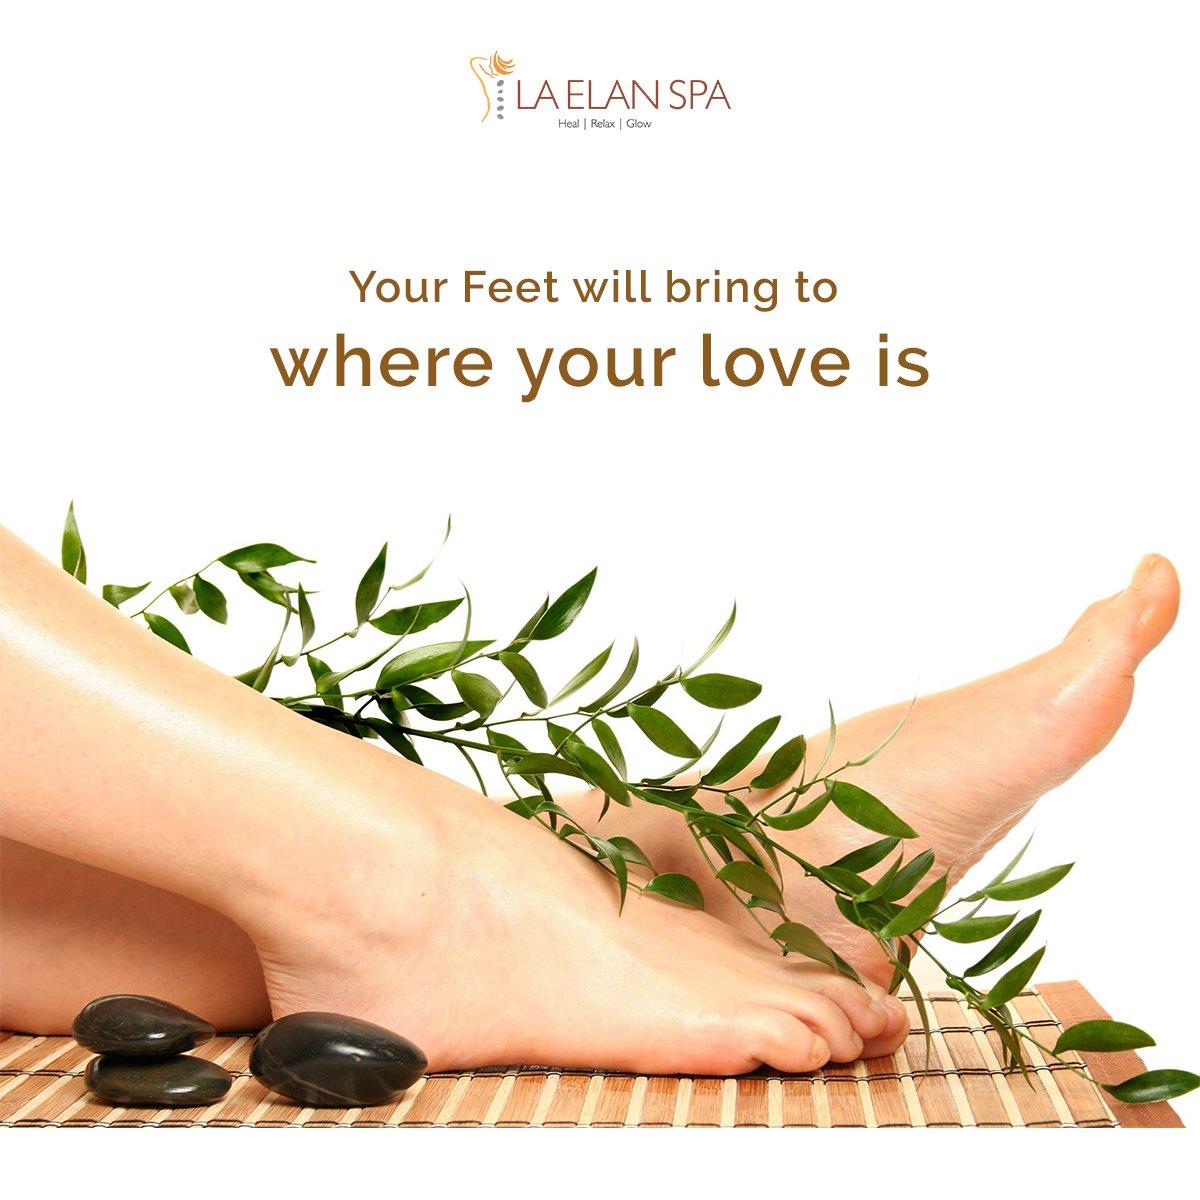 Foodmassage Hashtag On Twitter Foot Massage Bali Alus 100gr 0 Replies Retweets Likes